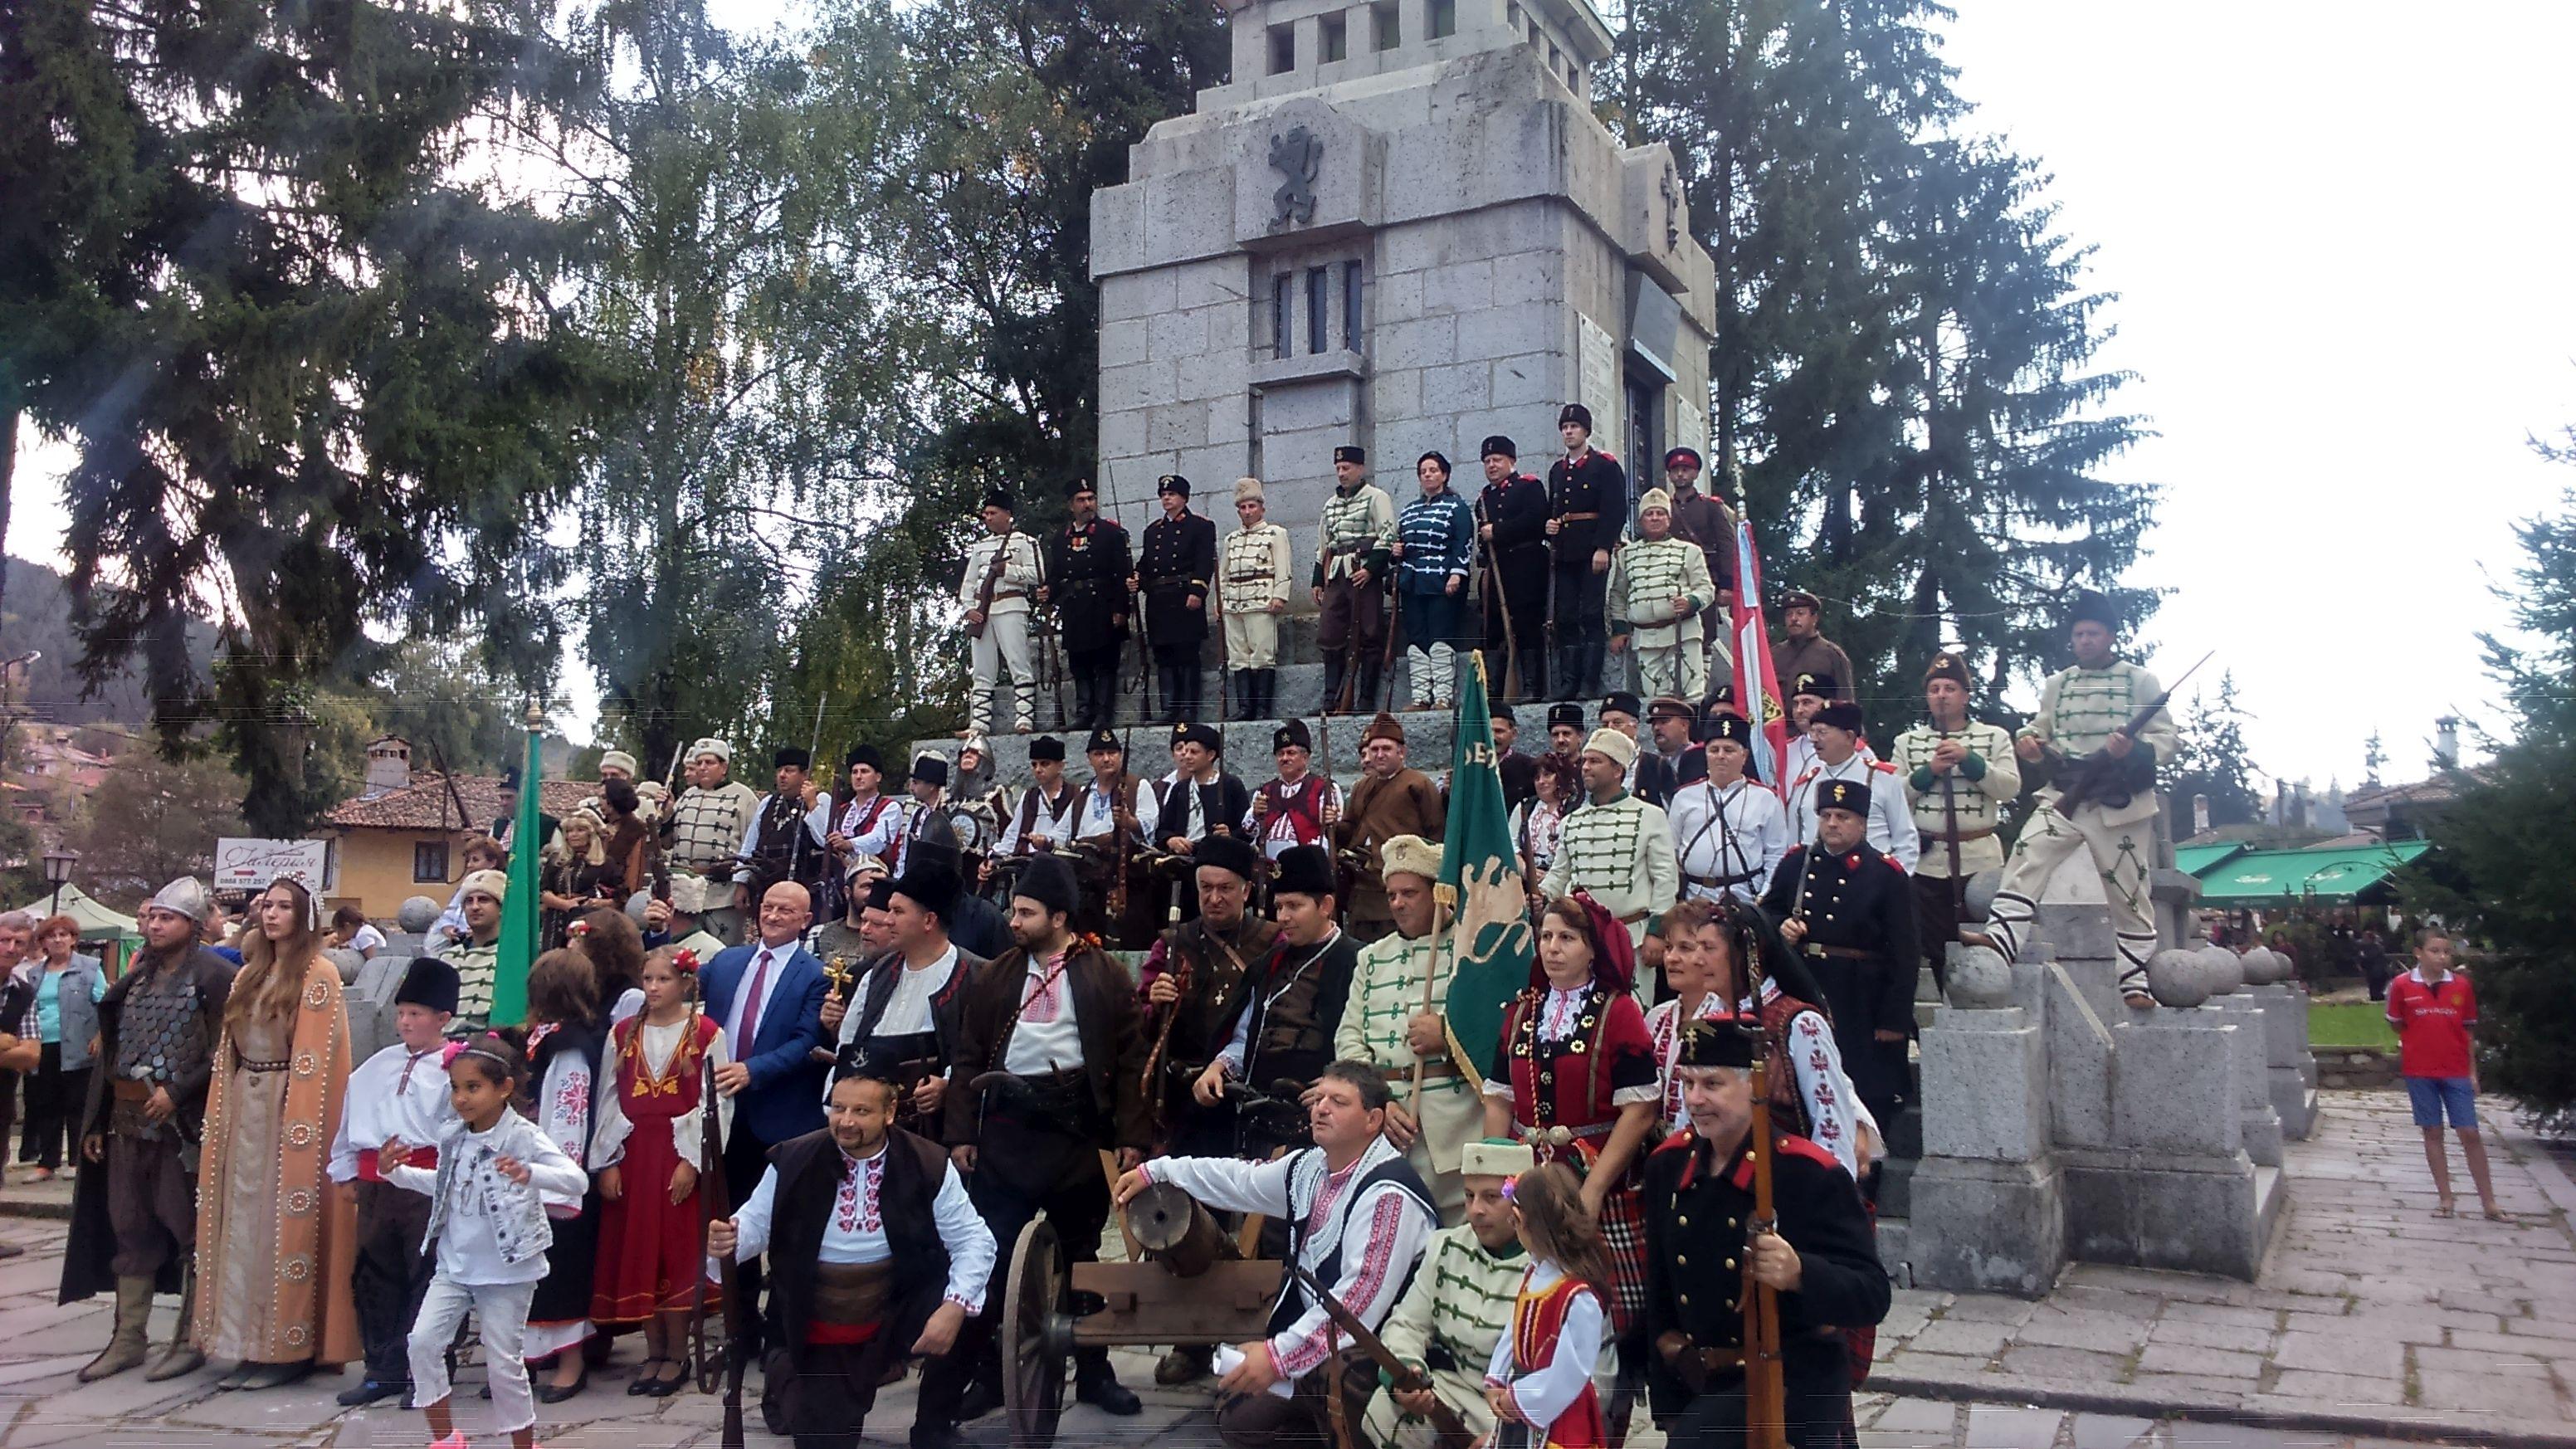 Koprivshtitsa historic town